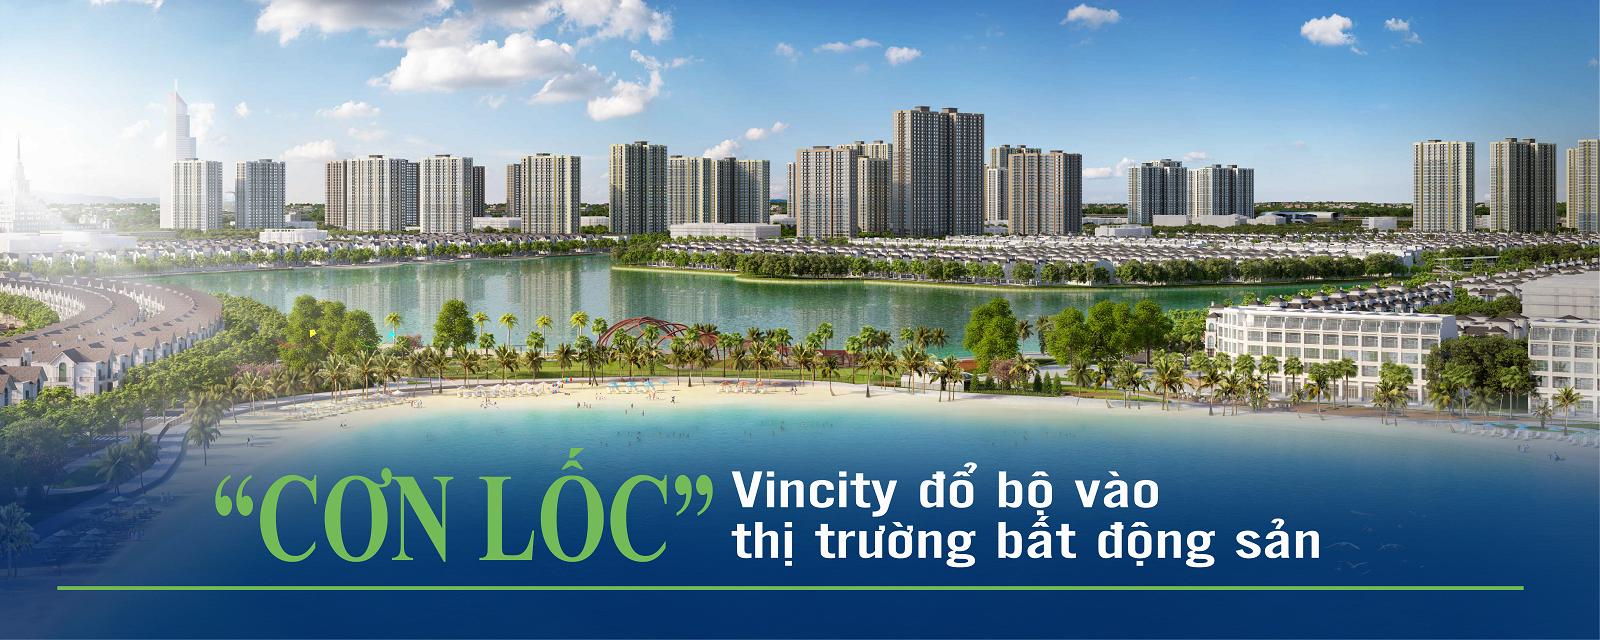 """""""Cơn lốc"""" Vincity đổ bộ vào thị trường bất động sản"""